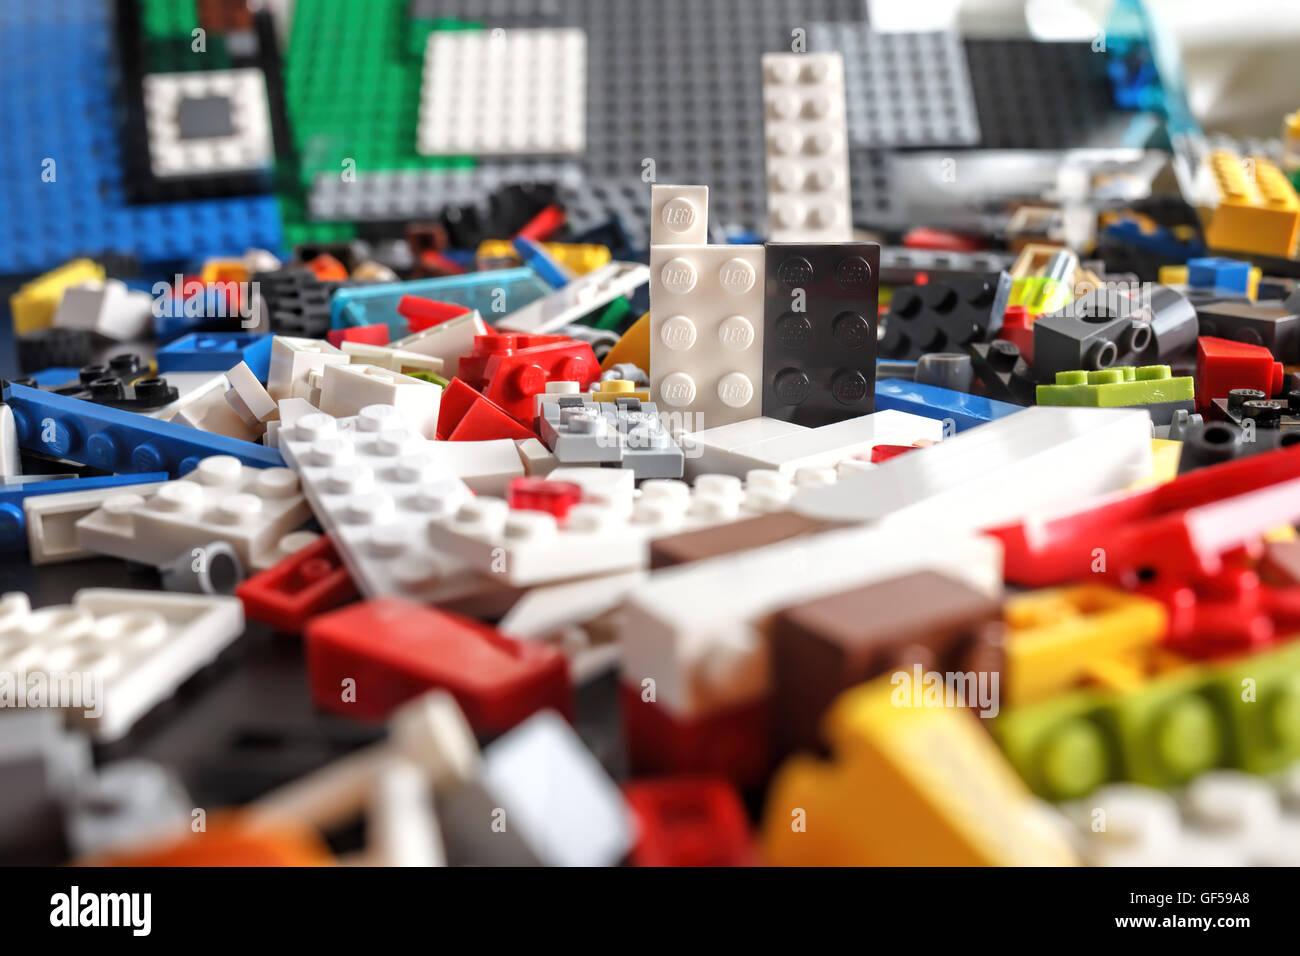 Schön Lego Person Färbung Seite Galerie - Entry Level Resume ...